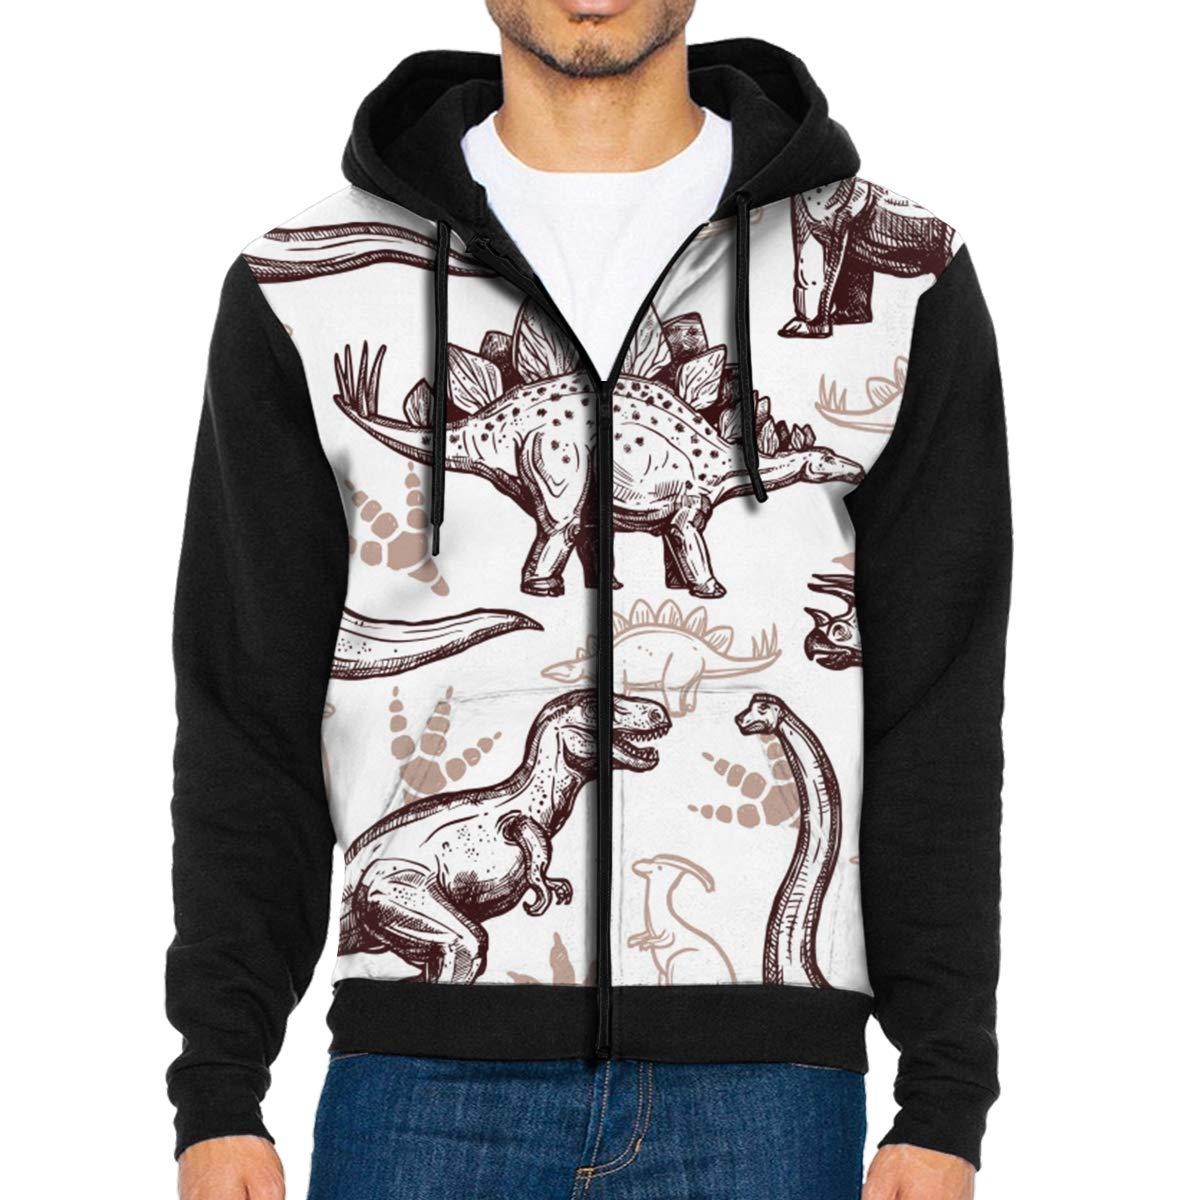 LFCLOSET Dinosaurs Footprints Pattern Lightweight Mans Jacket with Hood Long Sleeved Zippered Outwear